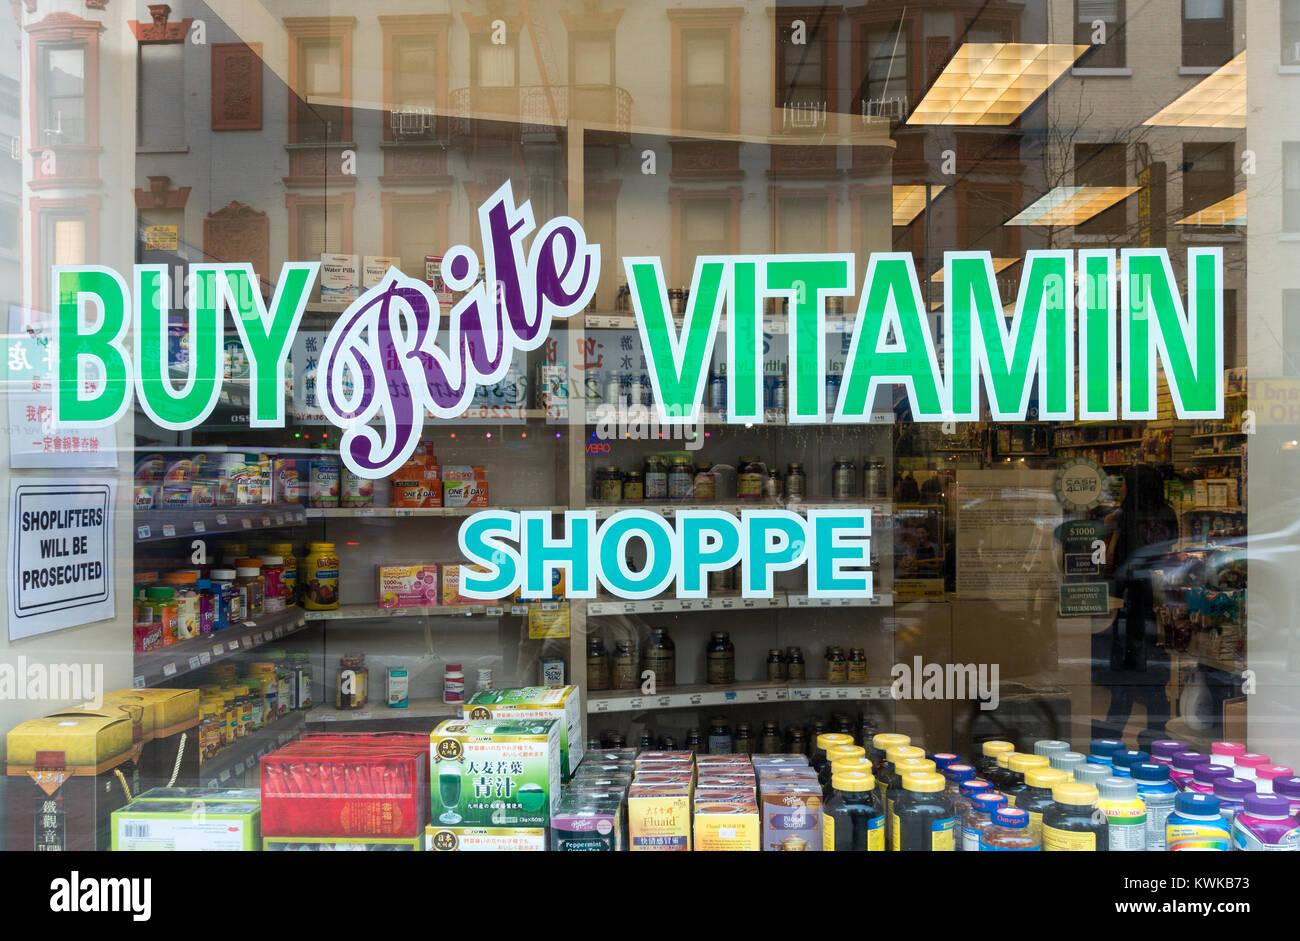 Ventana de un rito comprar vitamina Shoppe en Grand Street, en Chinatown, la ciudad de Nueva York Imagen De Stock